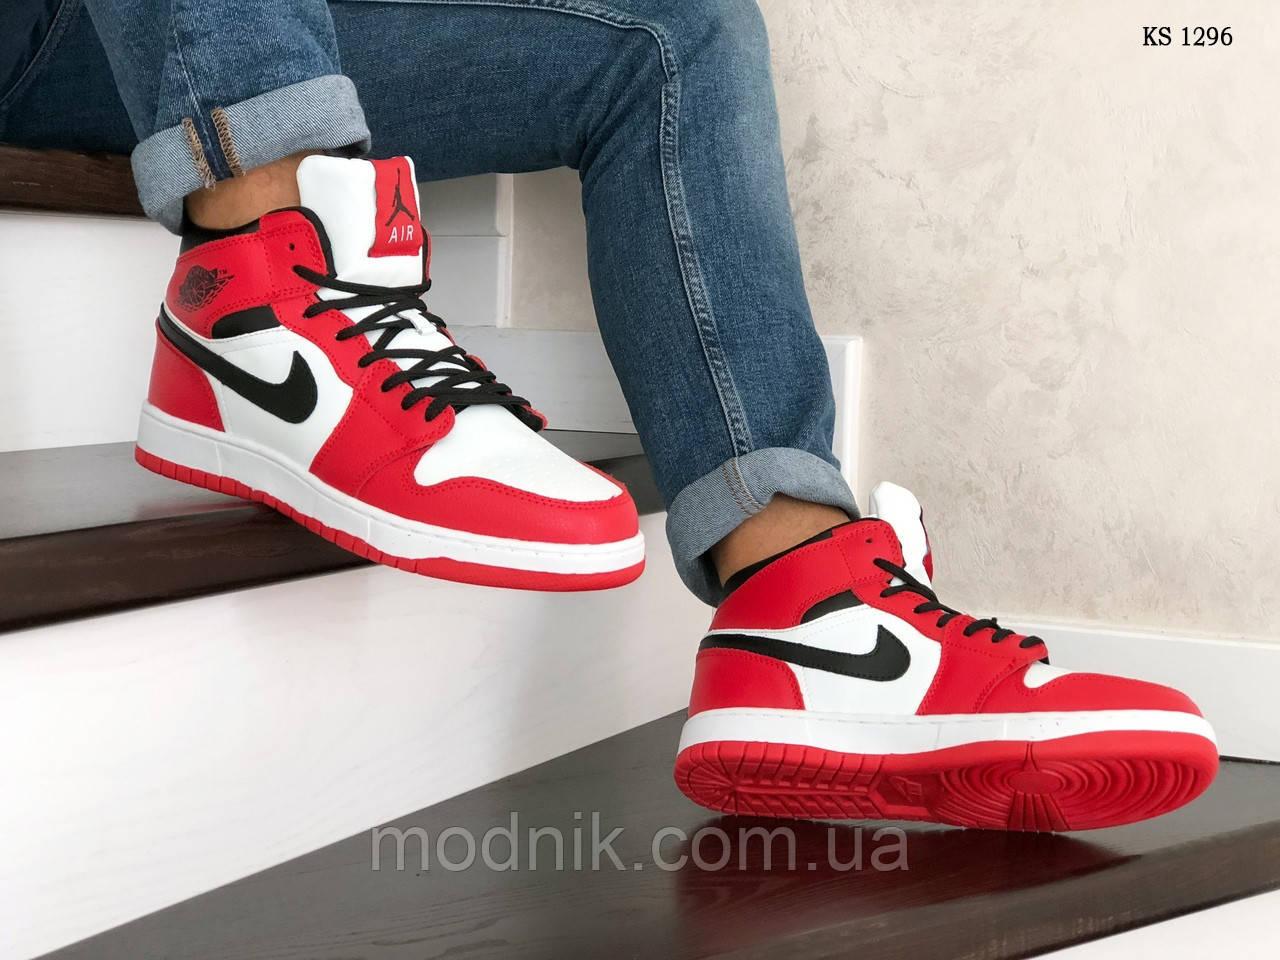 Мужские зимние кроссовки Nike Air Jordan 1 Retro (красно-белые)